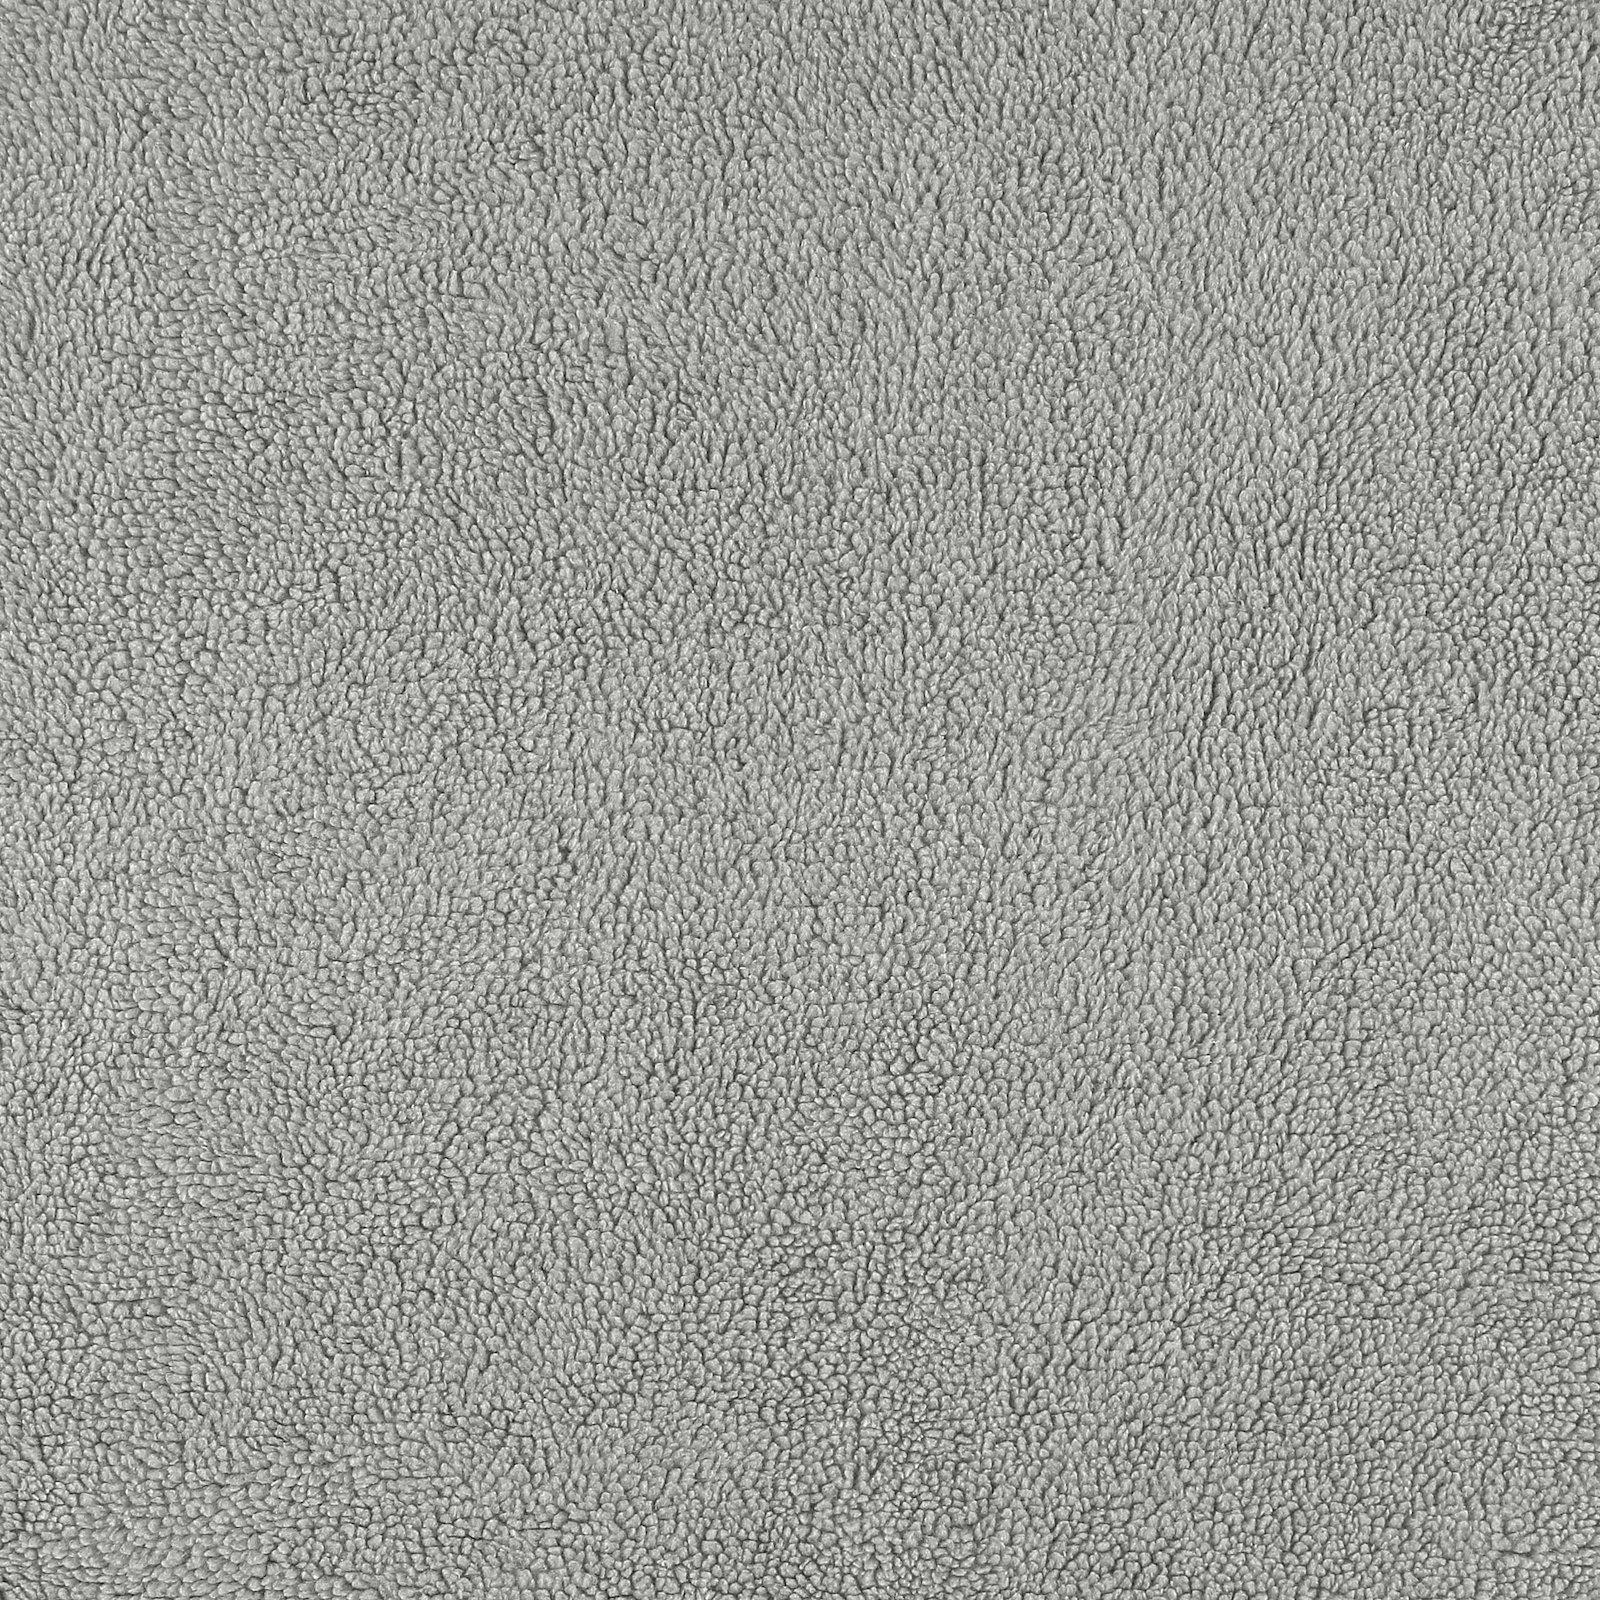 Teddy-Stoff, Grau Melange 910291_pack_solid